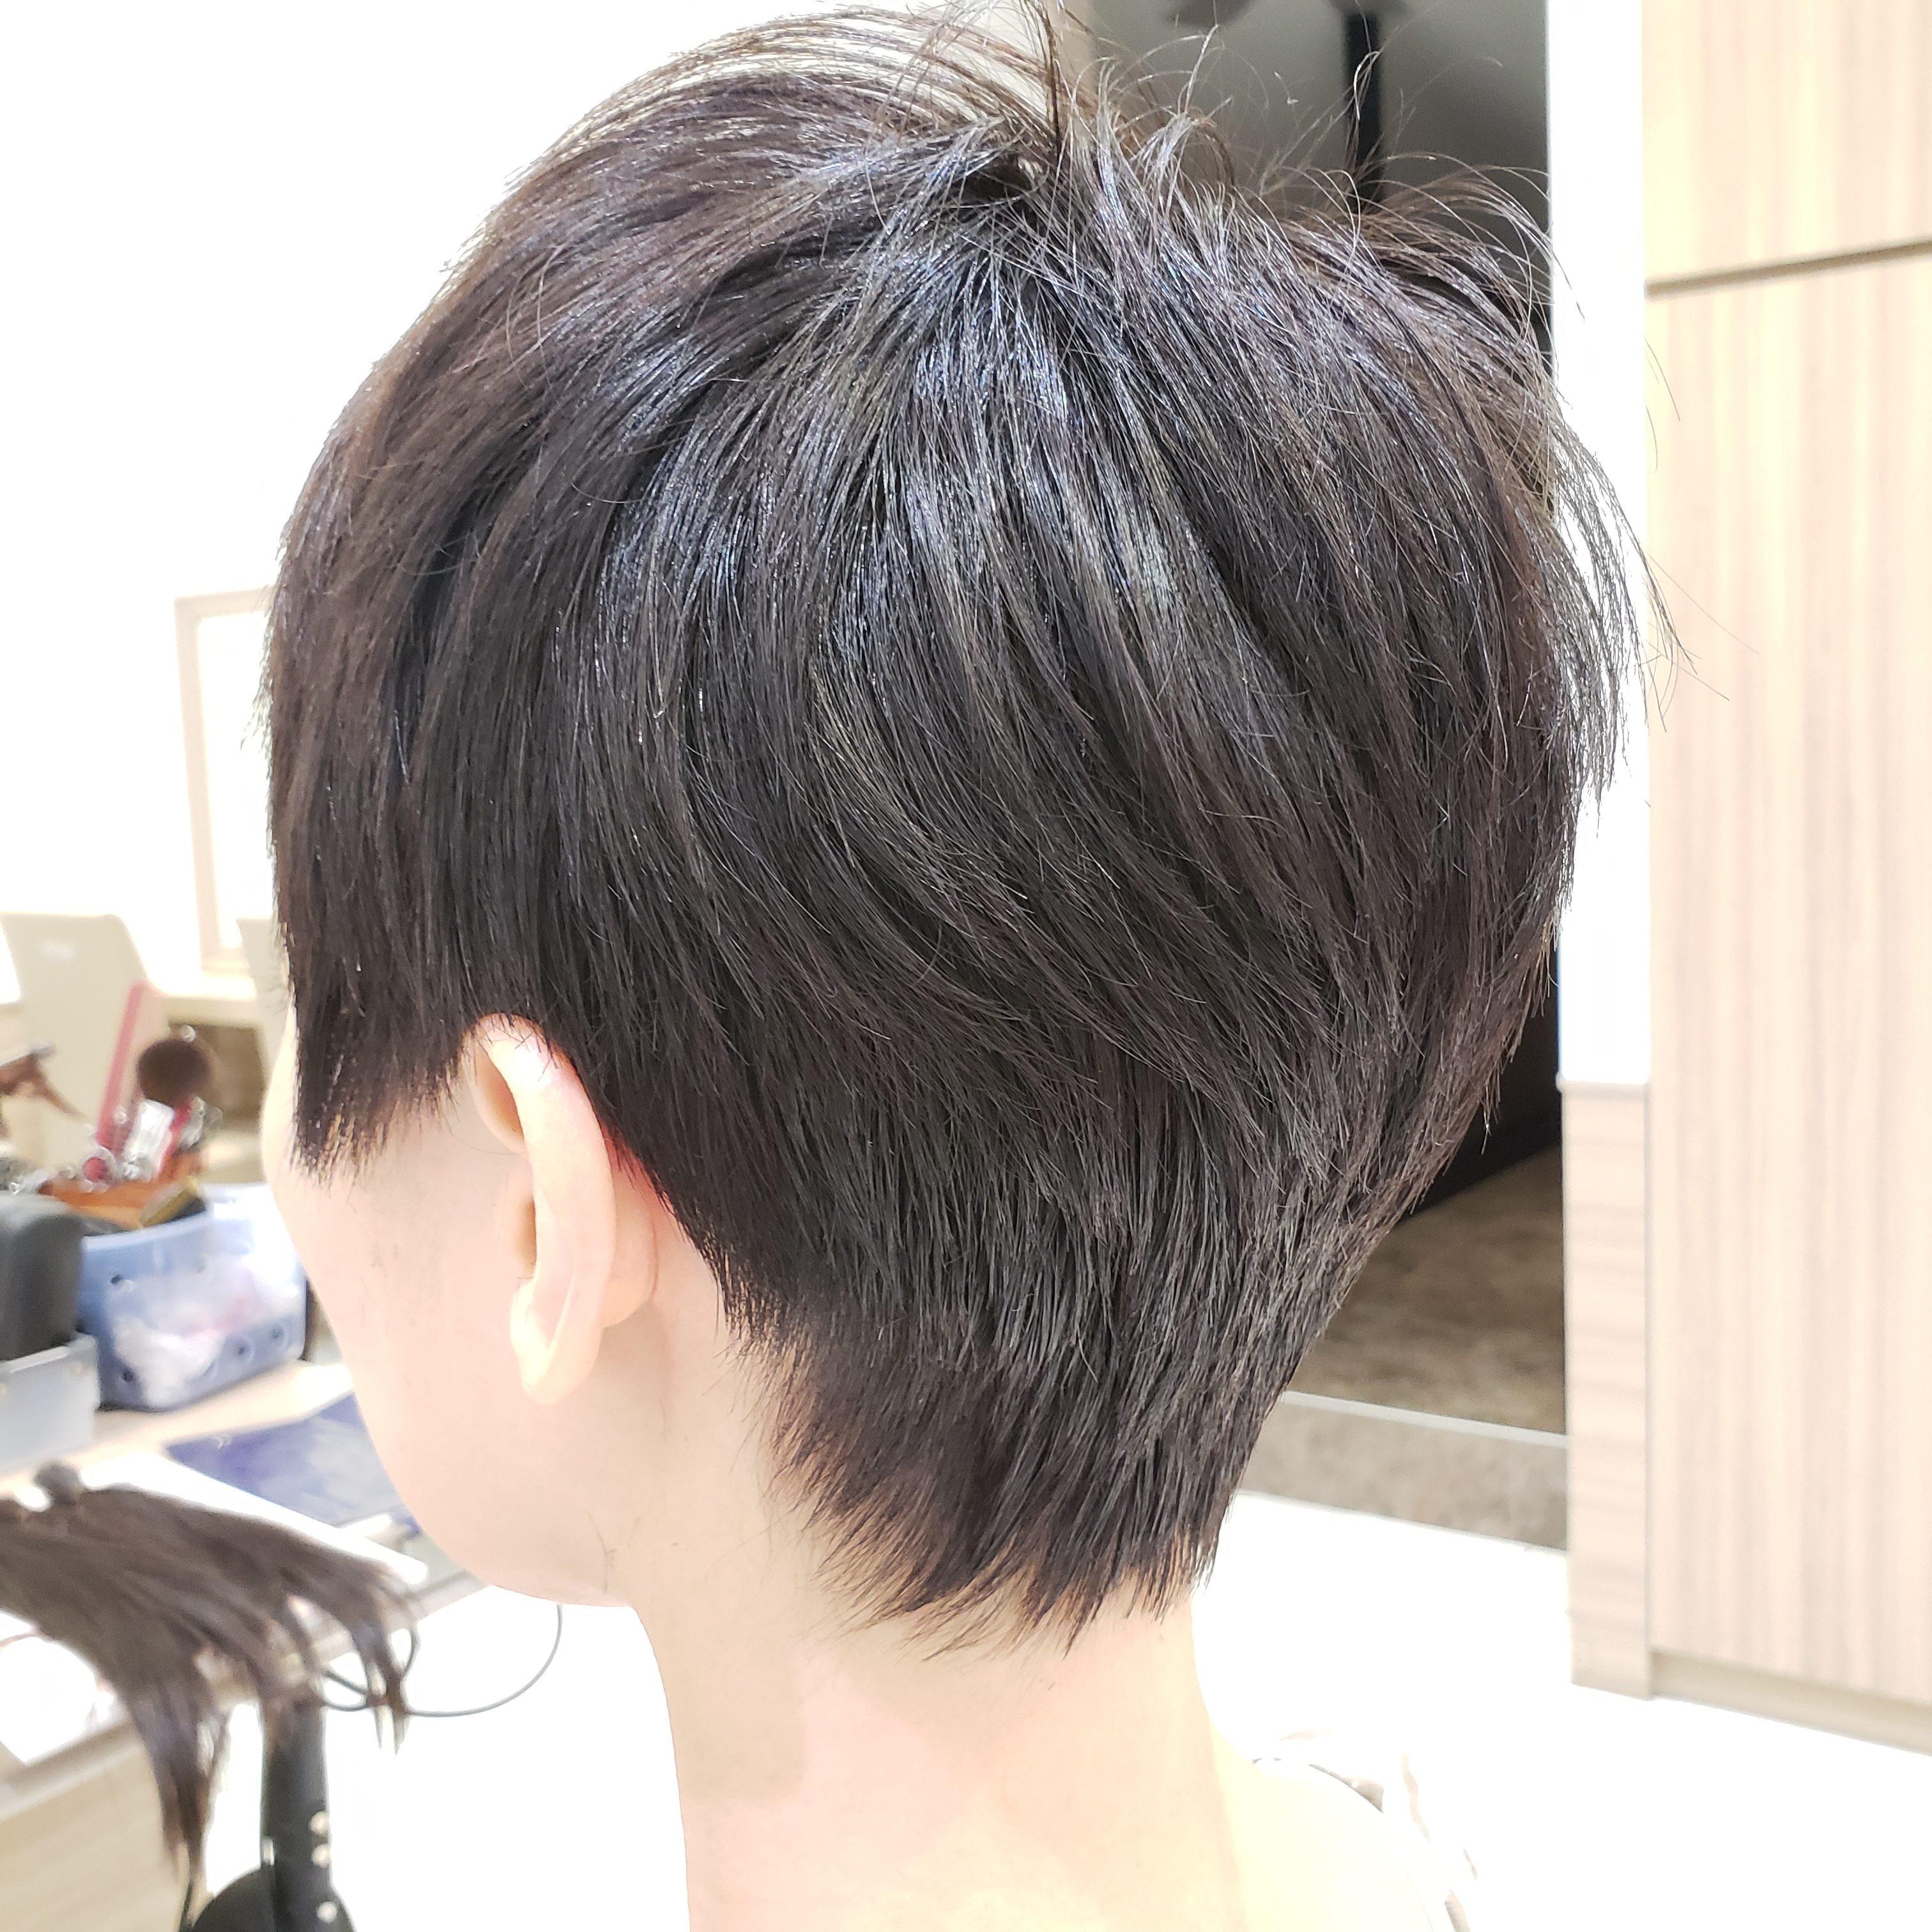 バッサリベリーショートにしたら扱いやすい髪型なる理由とは?